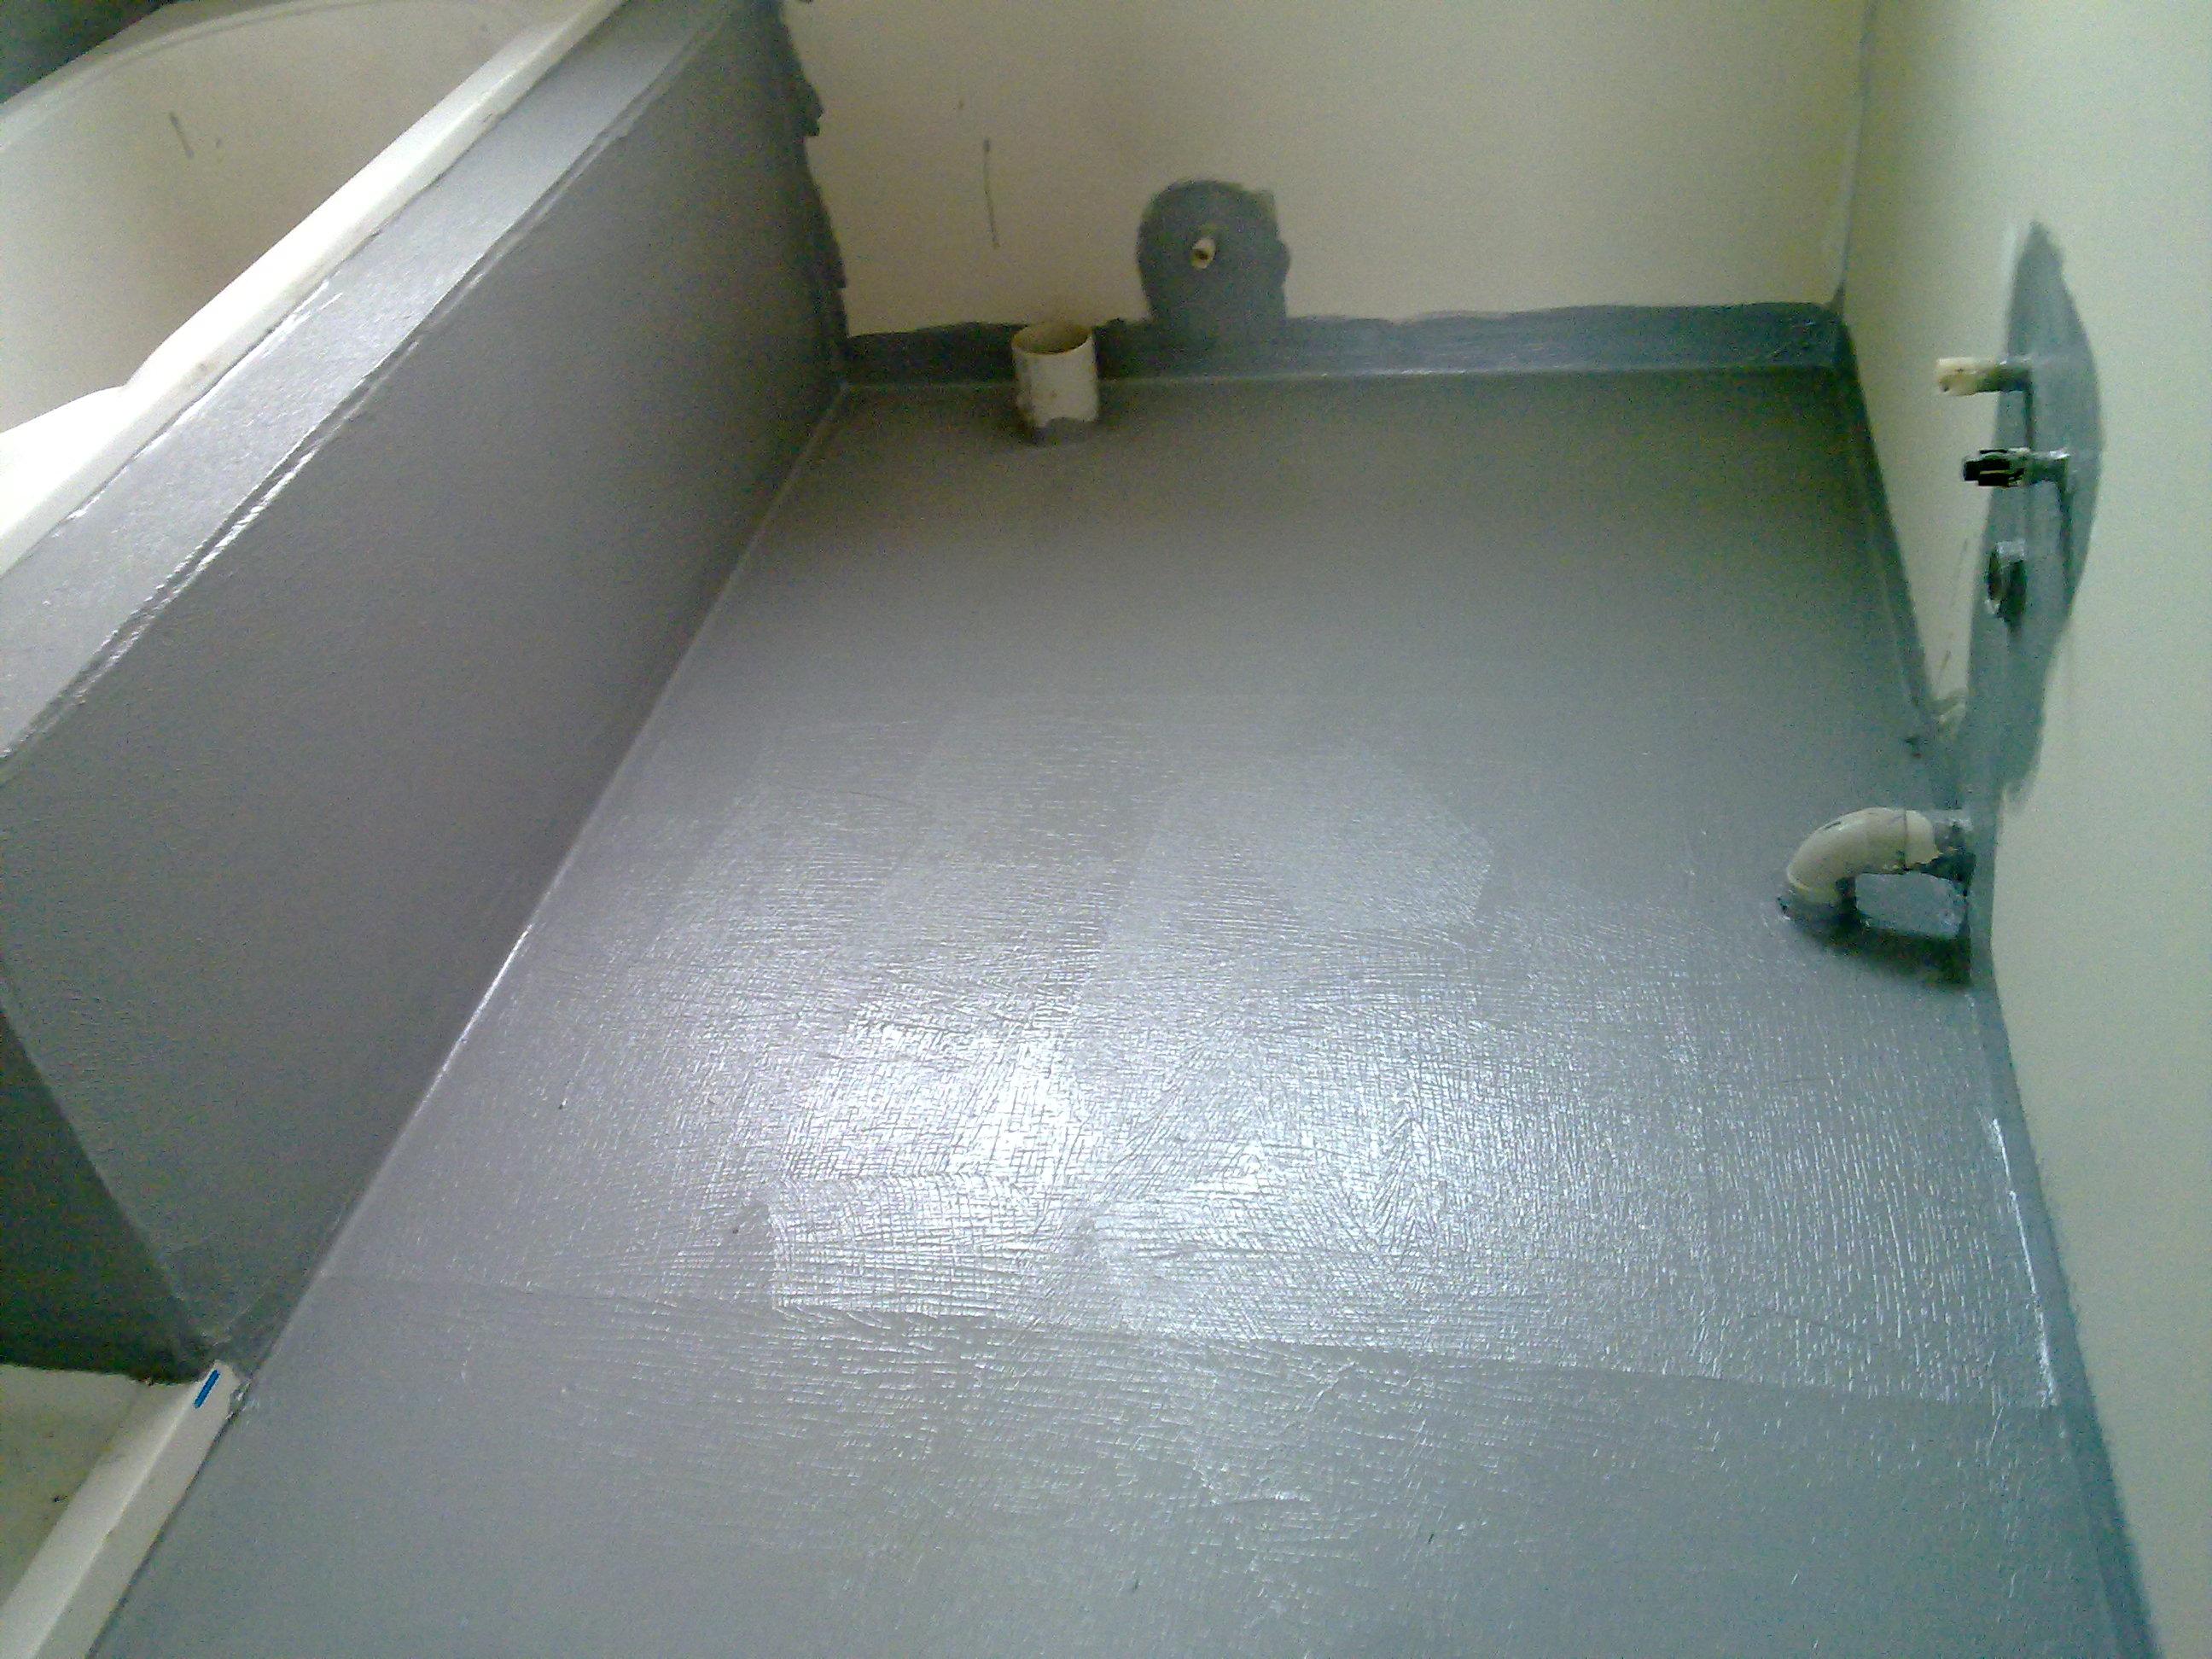 При ремонте ванной комнаты обязательным условием является устройство гидроизоляции, которая препятствует порче выполненной отделки и продлевает срок службы ремонта